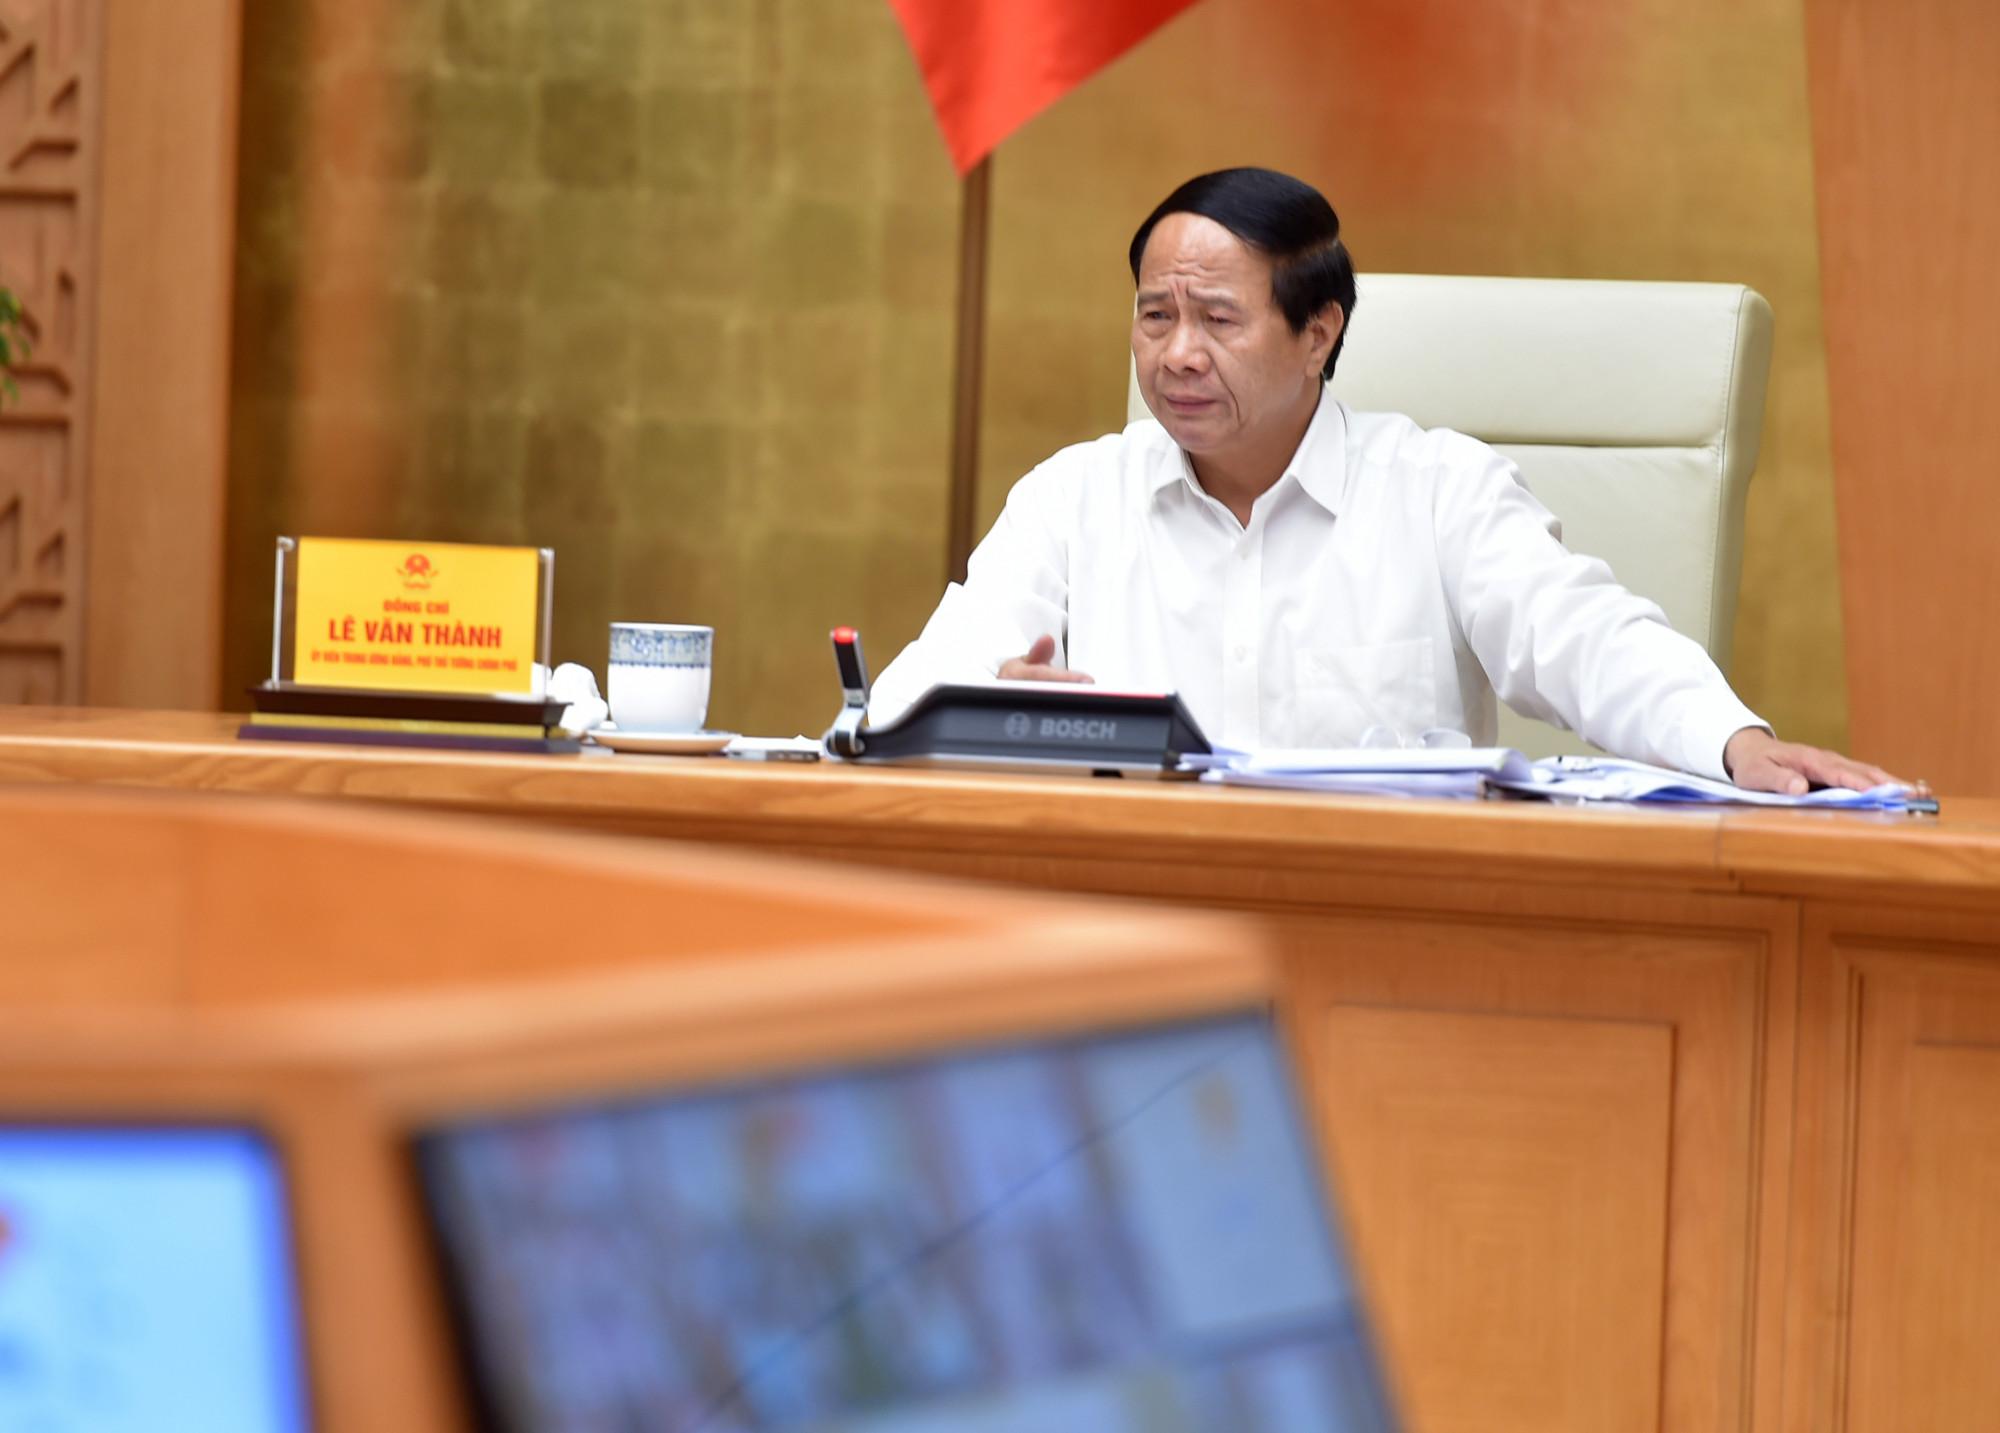 Phó Thủ tướng Lê Văn Thành chủ trì hội nghị trực tuyến. Ảnh: VGP